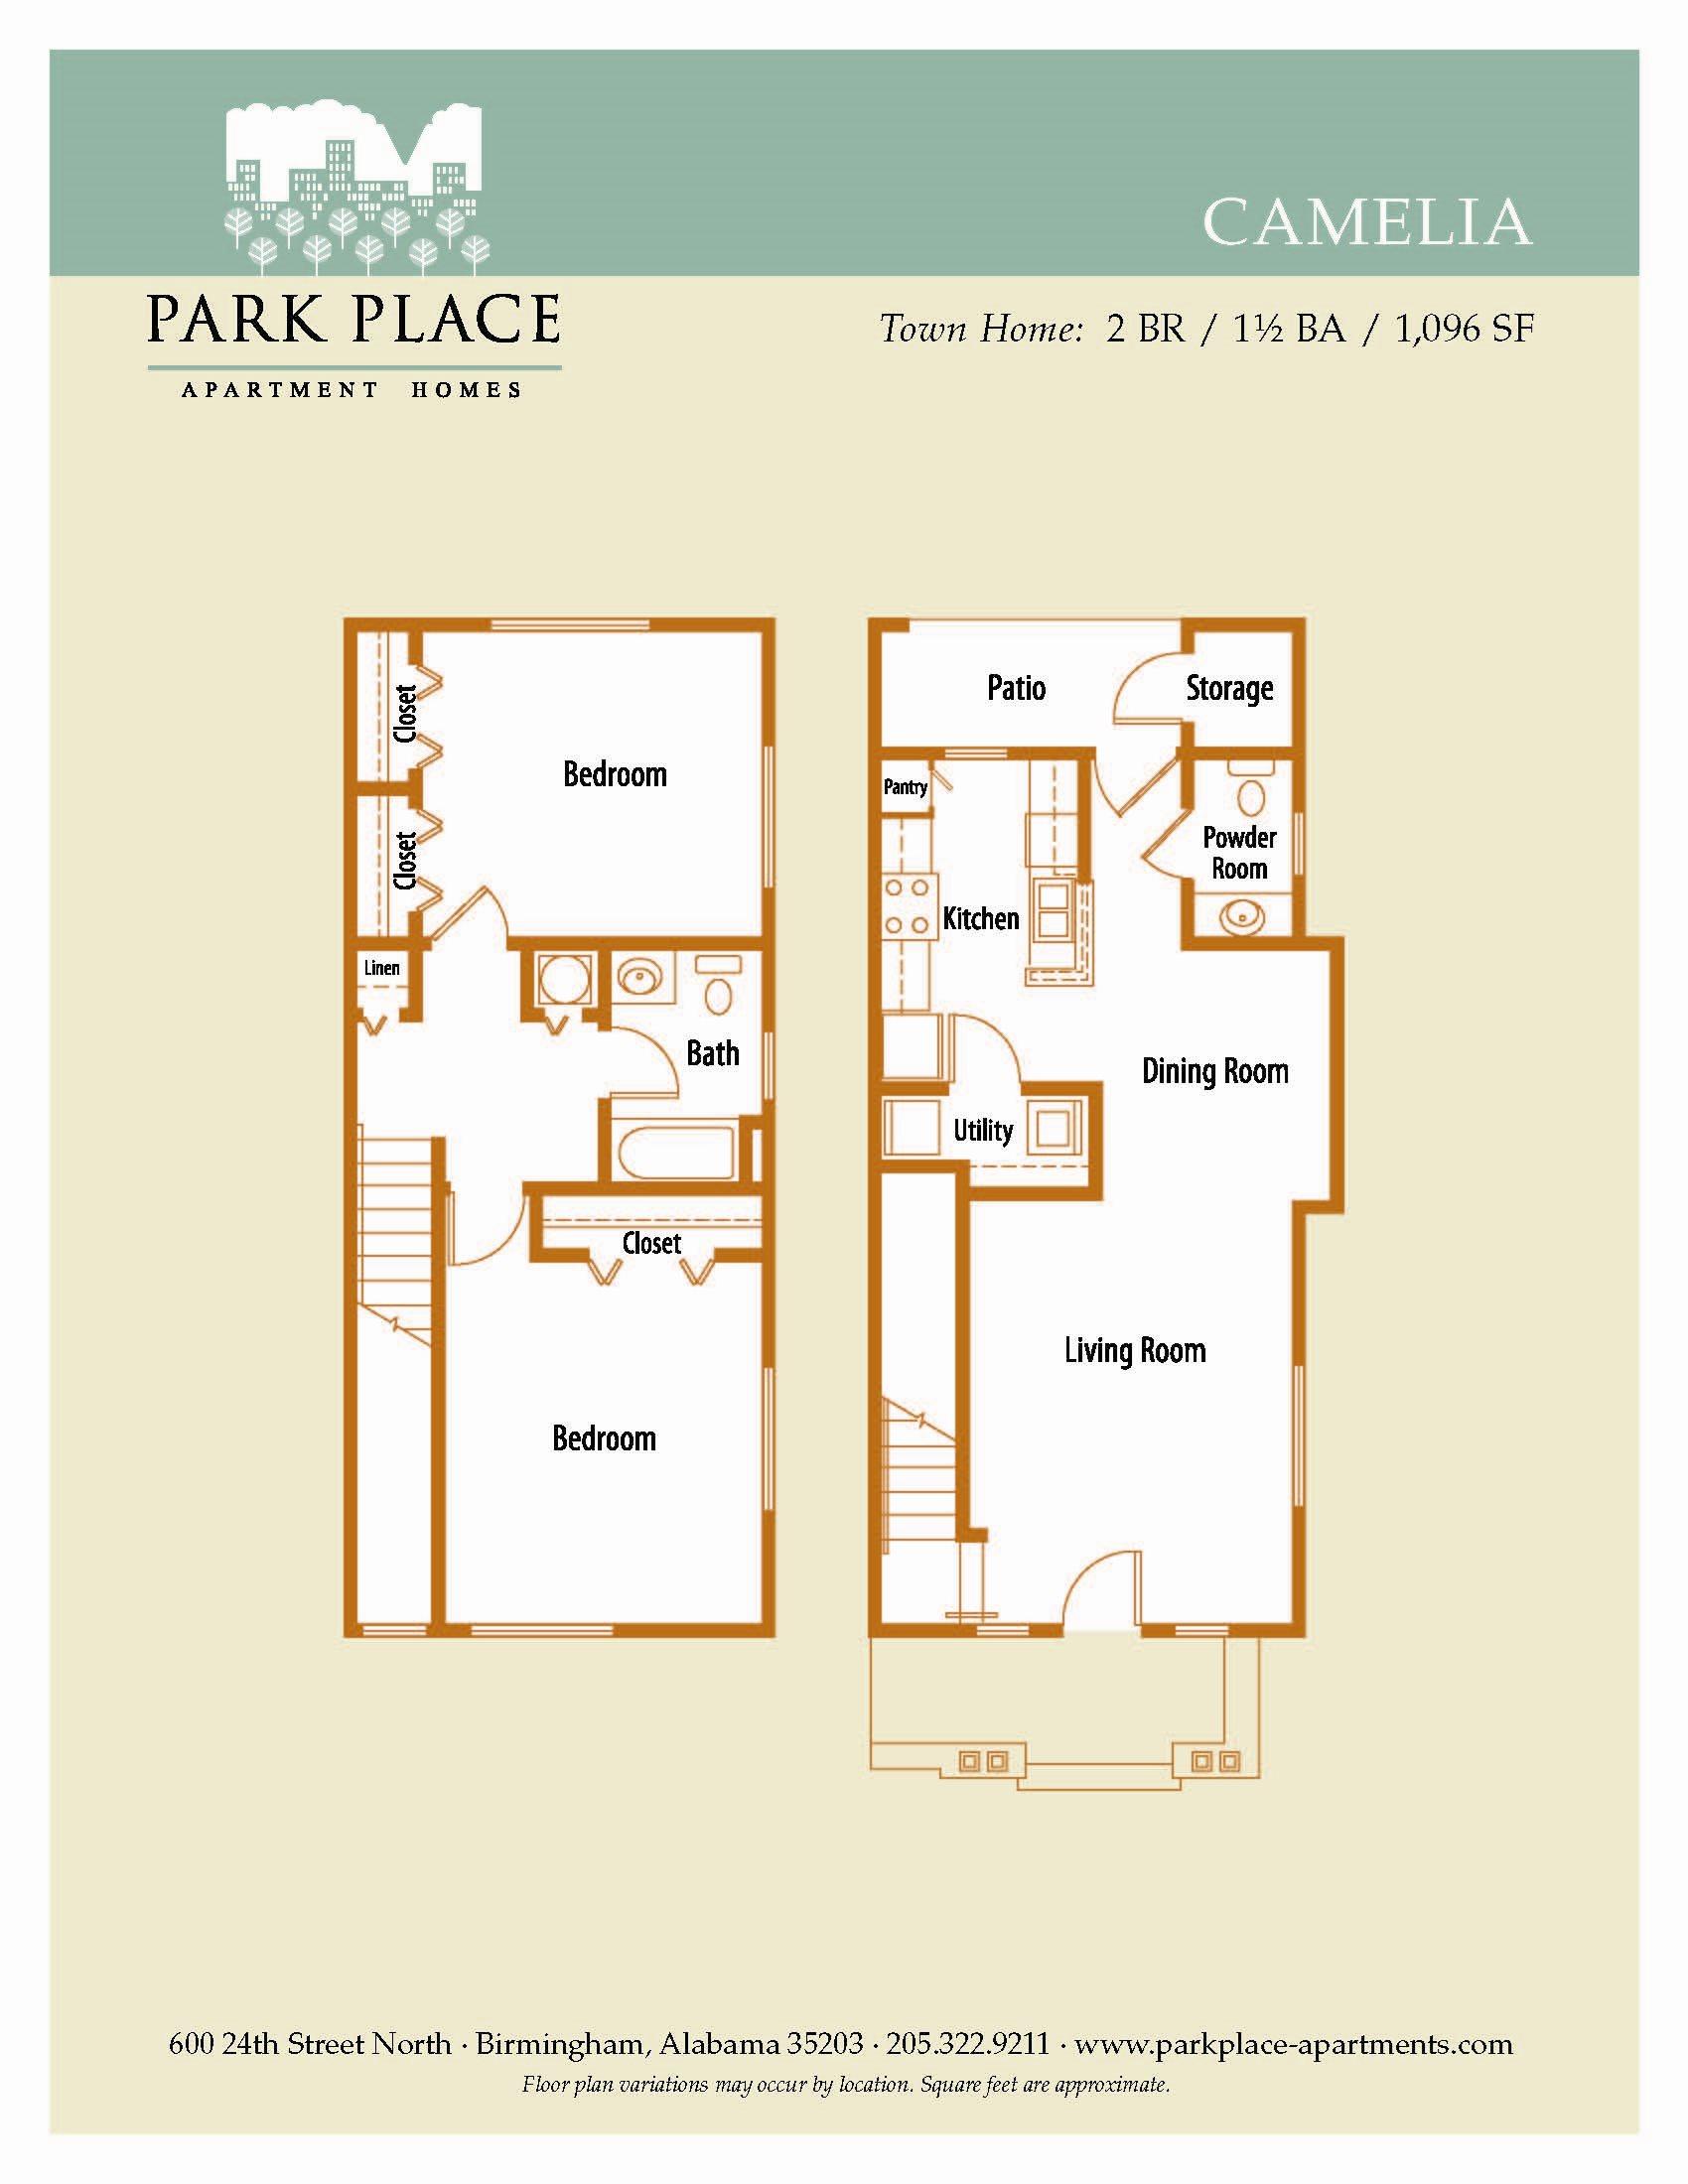 Camelia Floor Plan 7